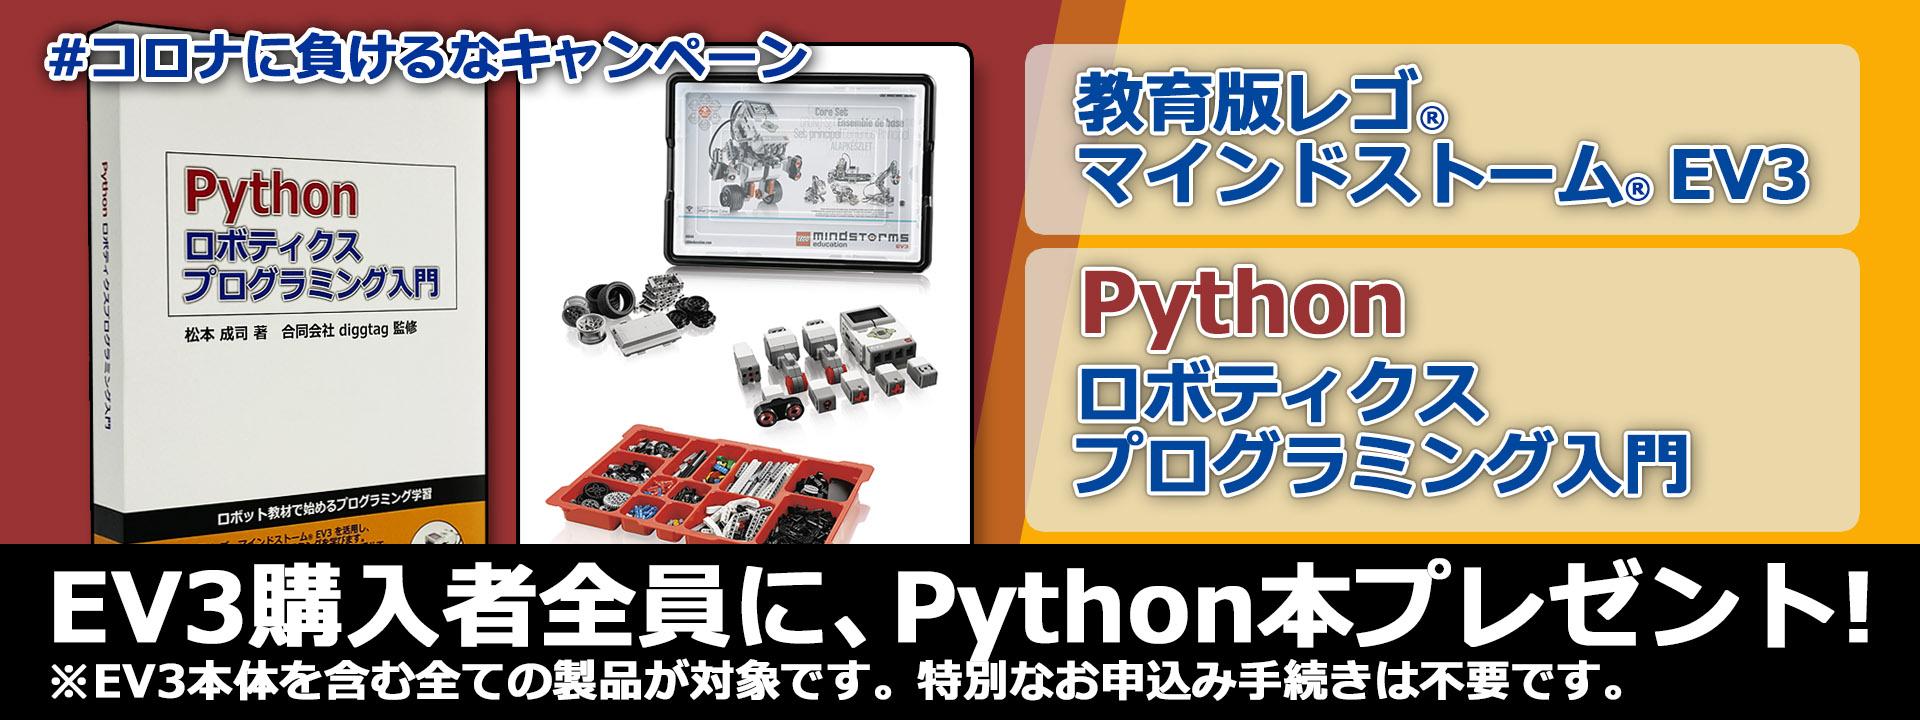 EV3購入者全員「Python ロボティクス プログラミング入門」プレゼントキャンペーン